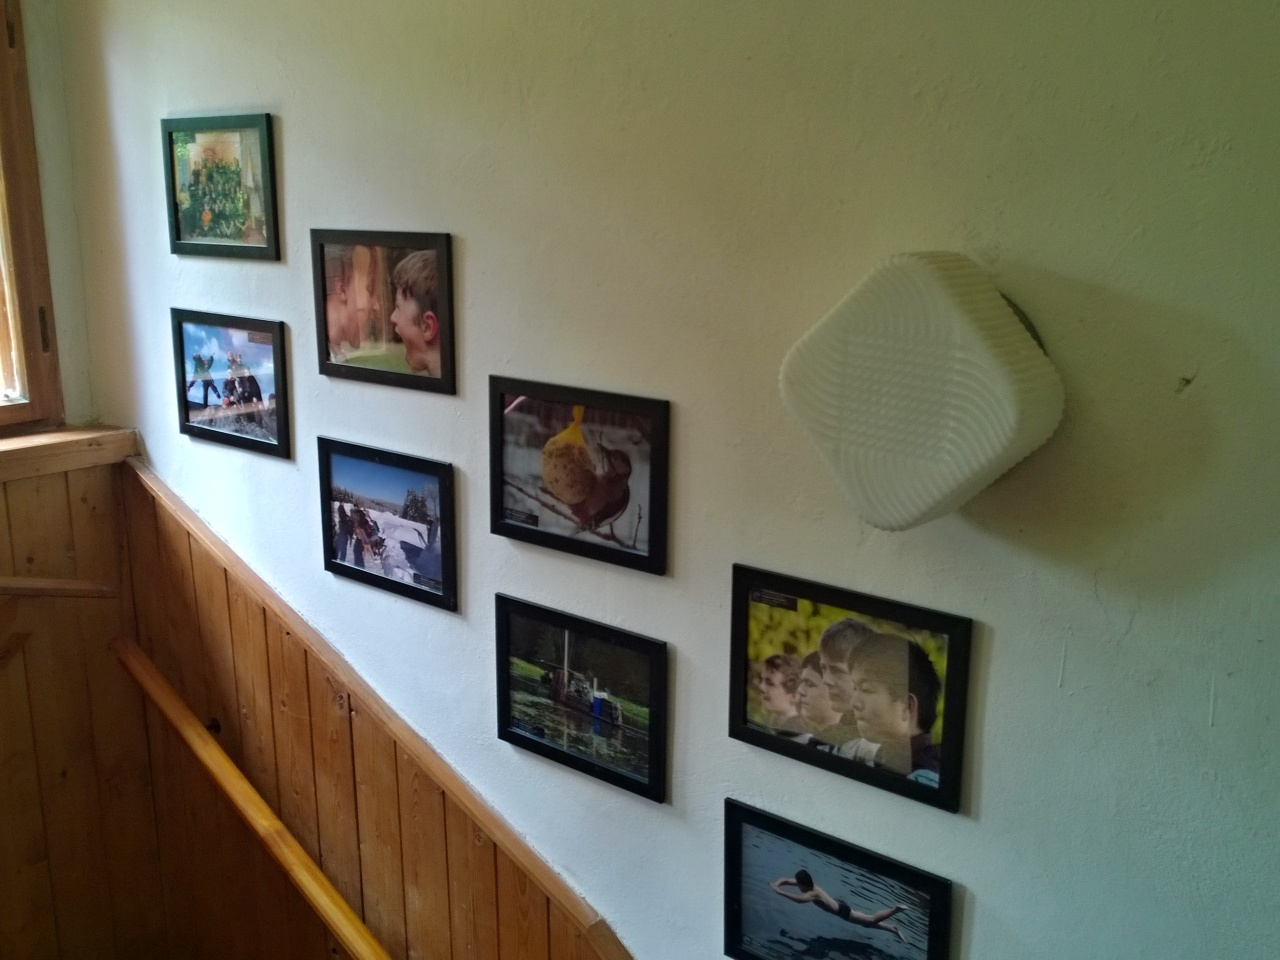 Prostory chaty - chodba a schodiště s obrázky